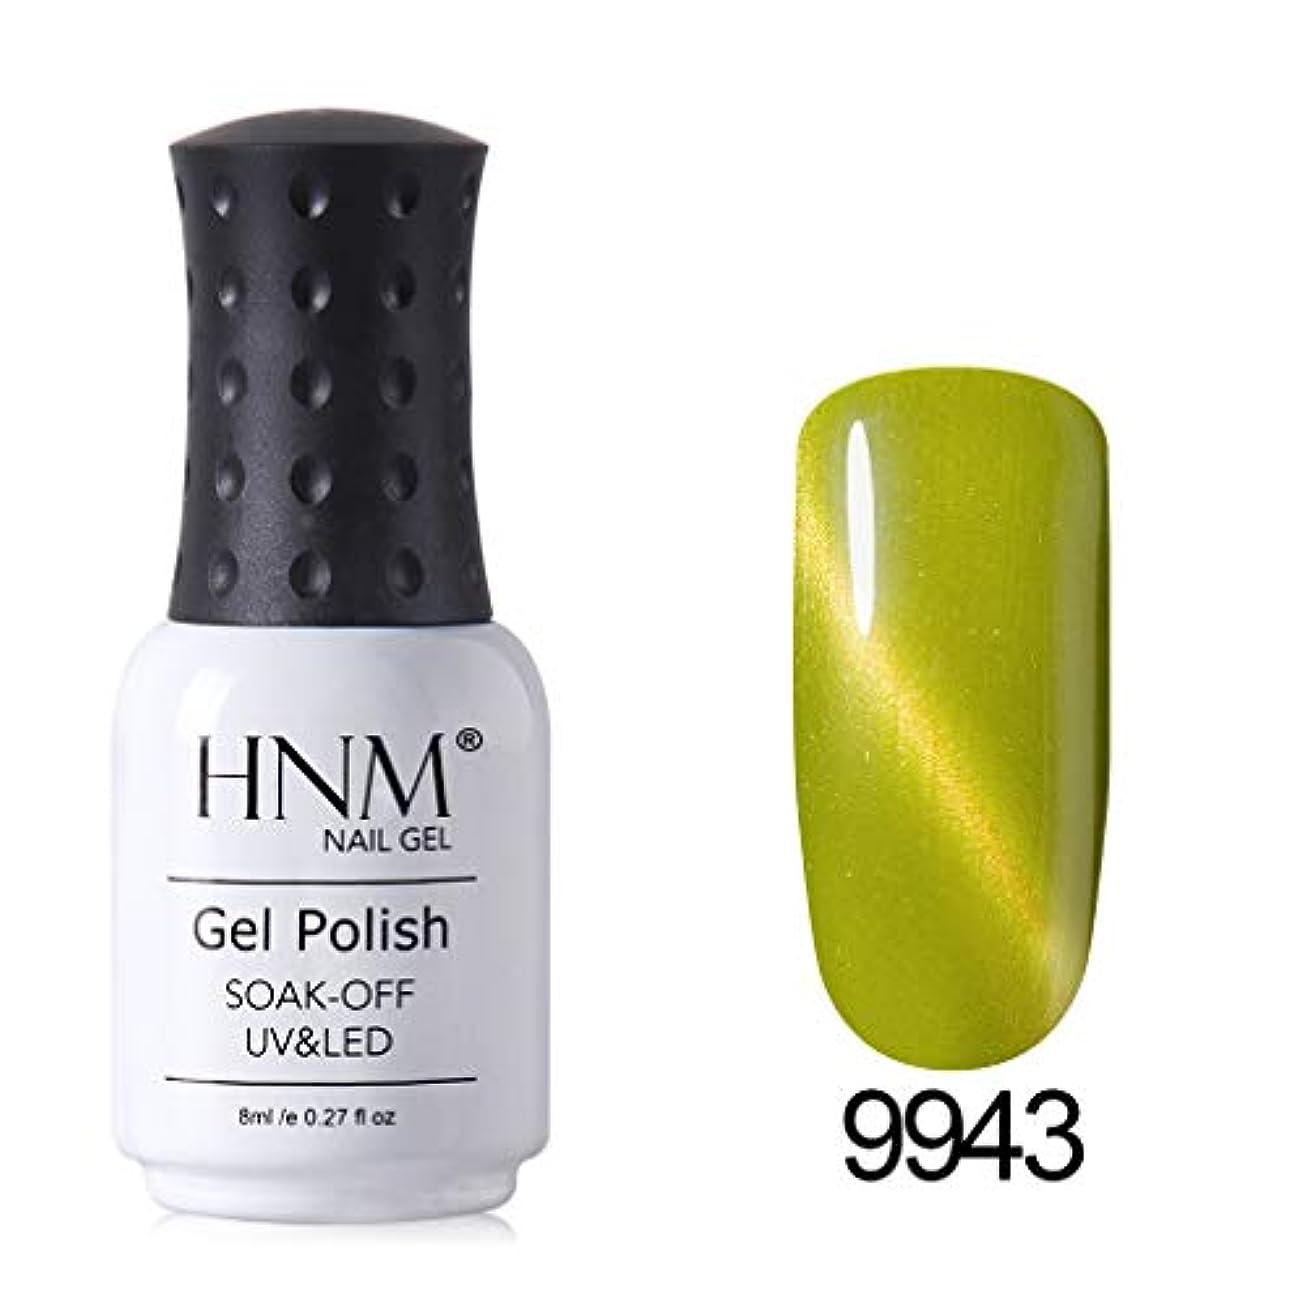 市場各役に立たないHNM ジェルネイル カラージェル 猫目ジェル 模様を作れる 操作方法もっとやすい 固定回線 普通の猫目ジェルと違う 新しいコンセプト 1色入り 8ml 【全58色選択可】